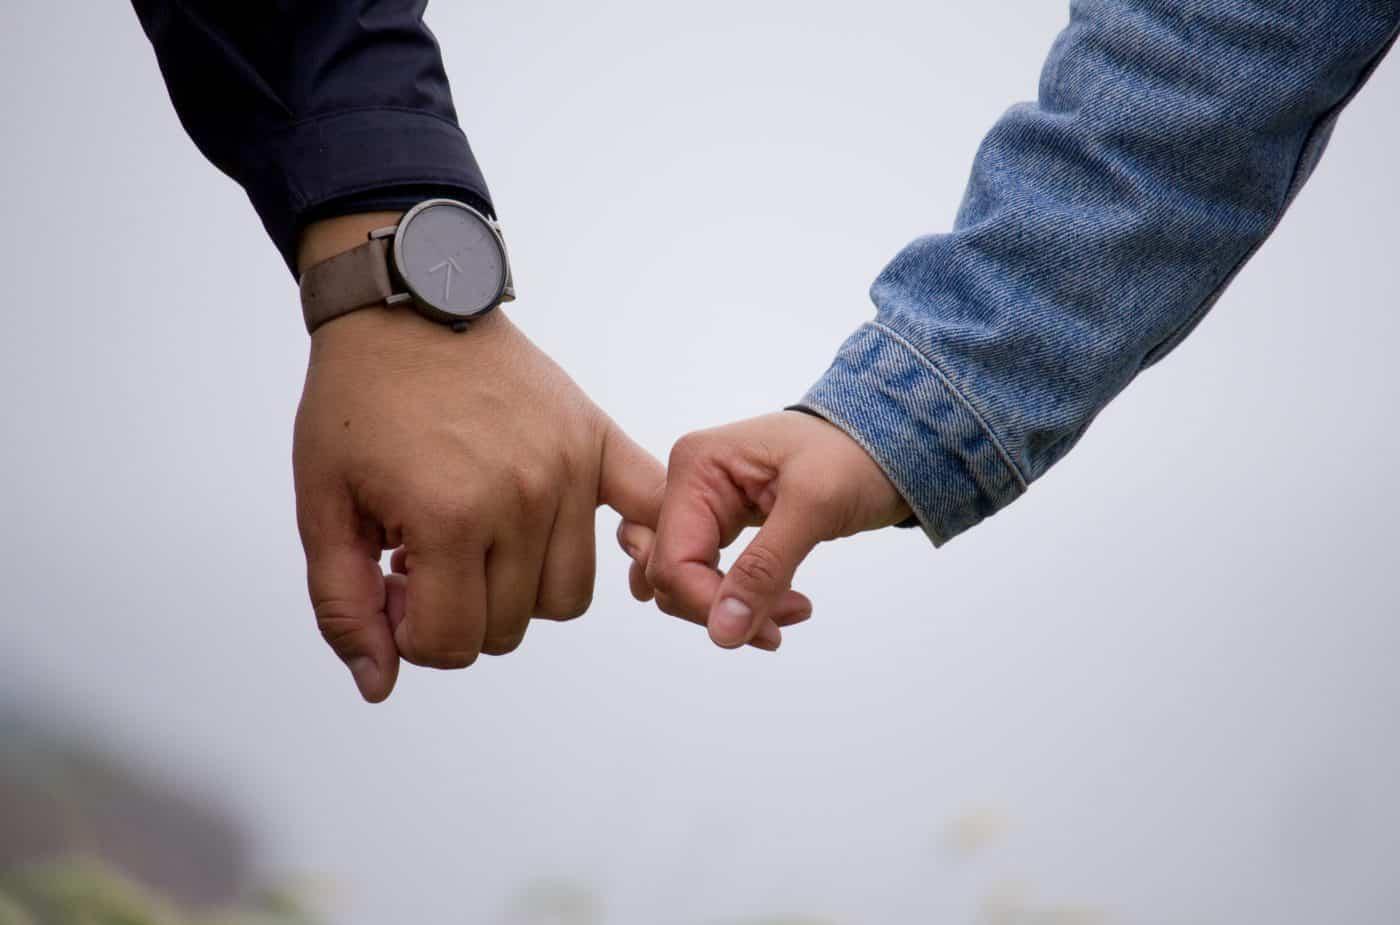 Vztahy jsou cennější než pravidla